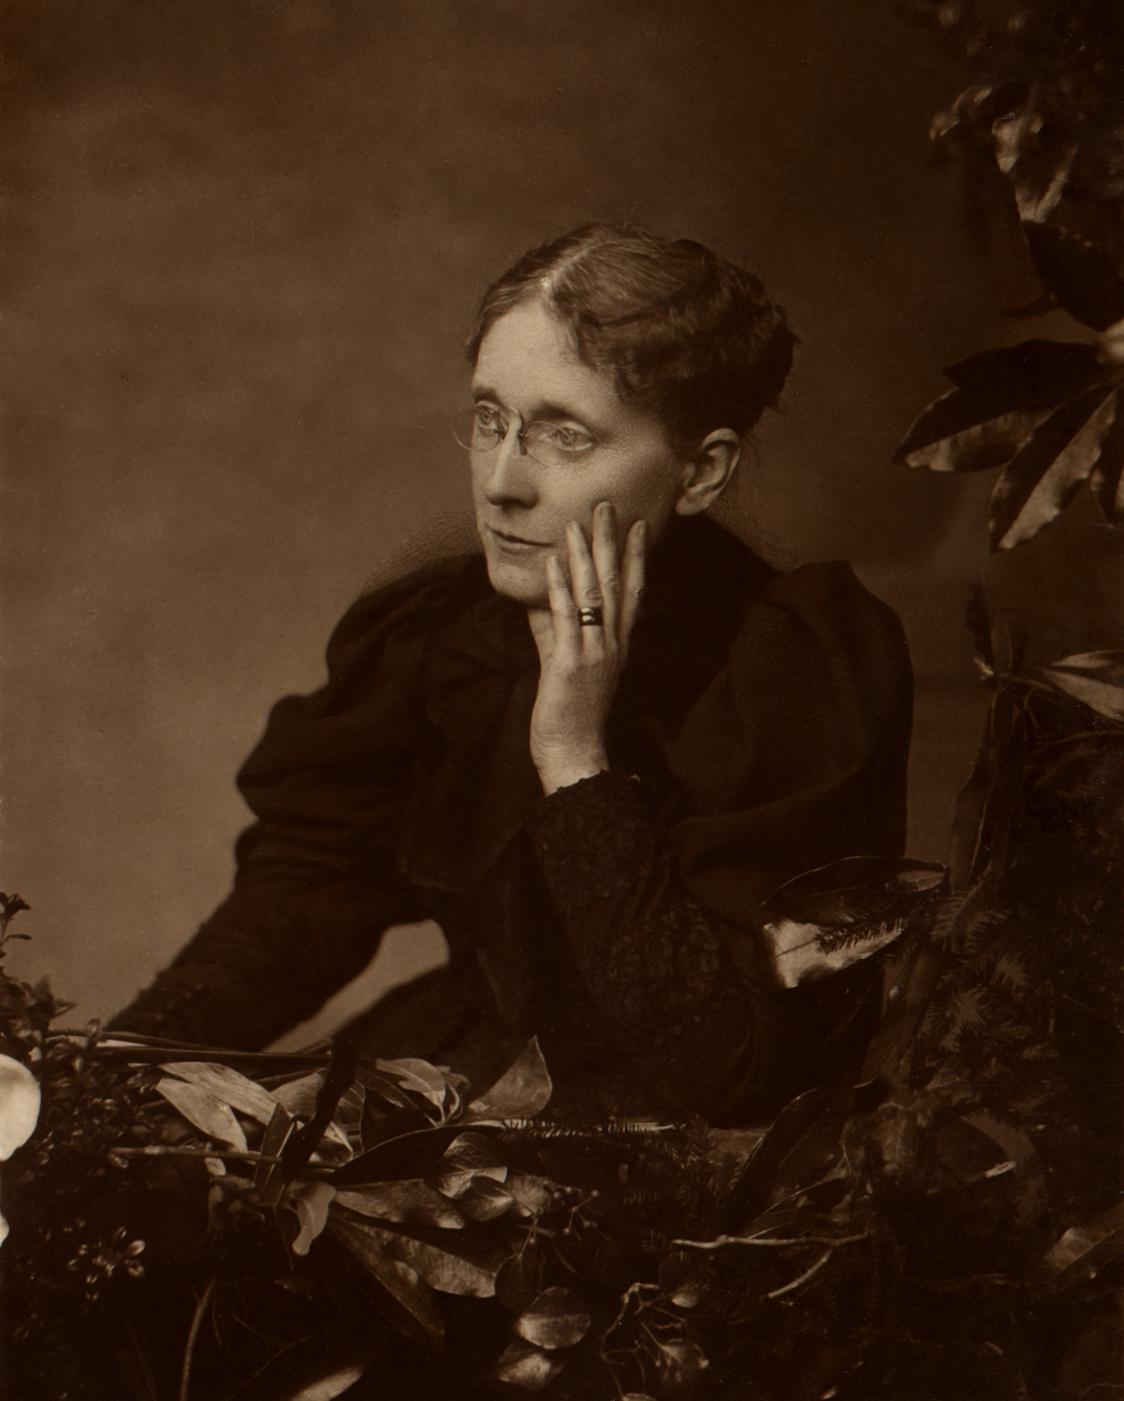 Frances Willard (September 28, 1839 – February 17, 1898)